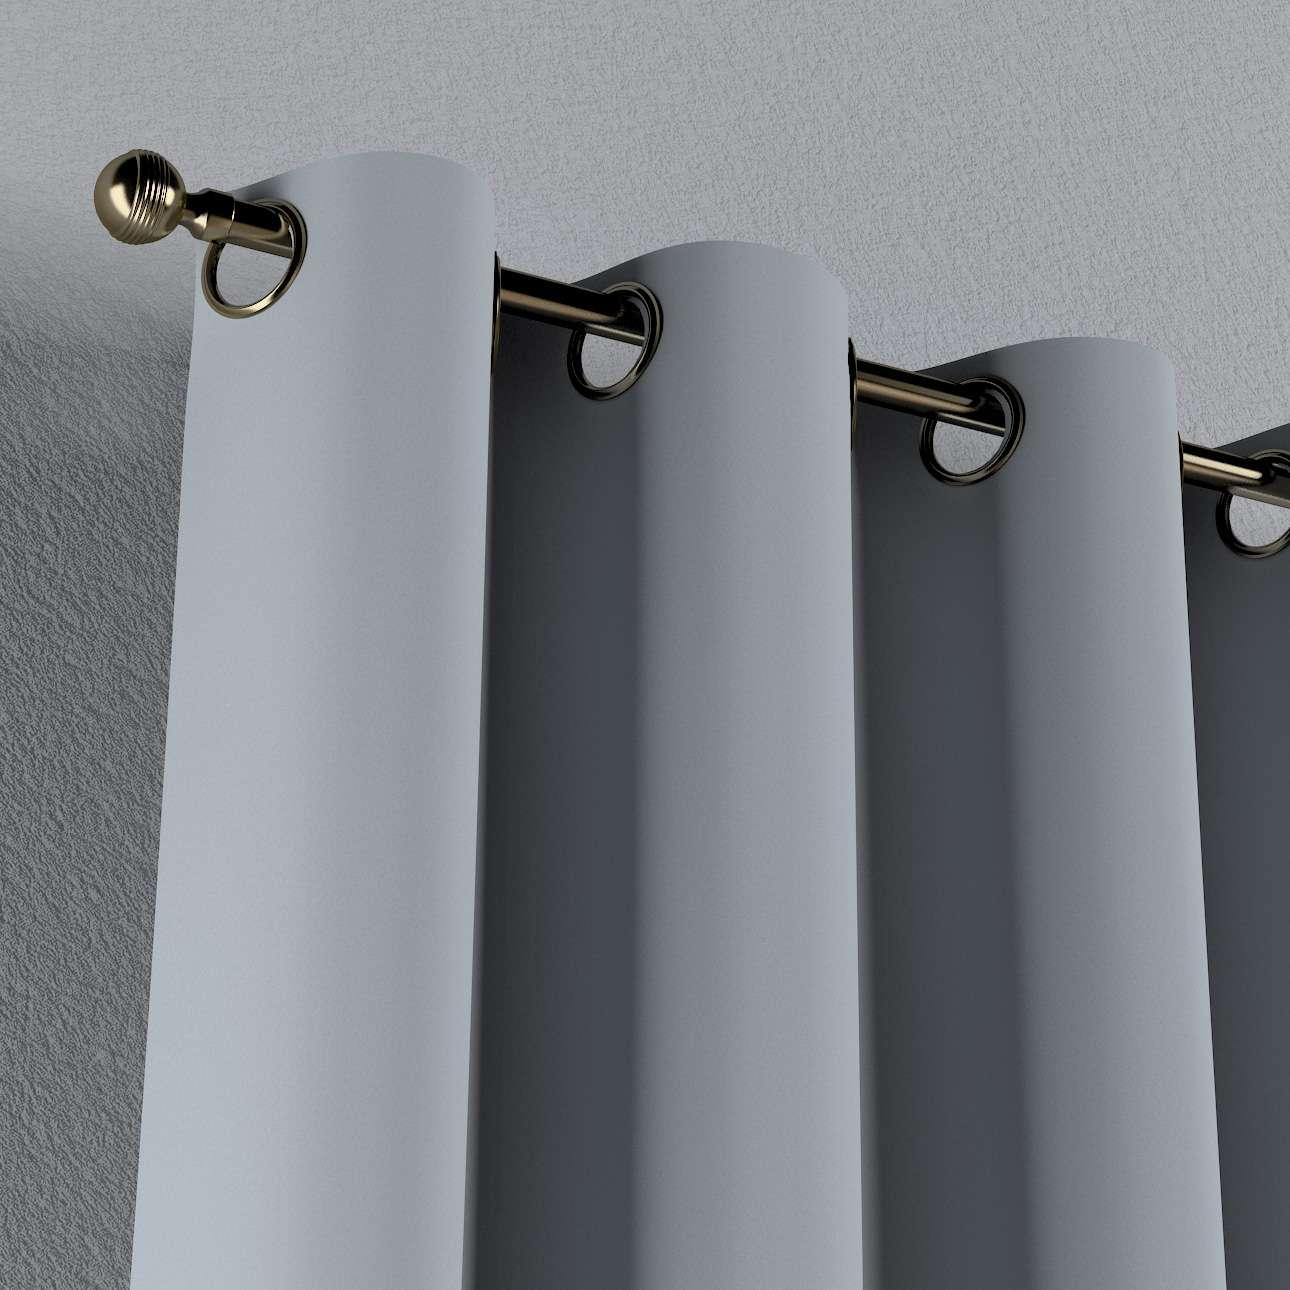 Zasłona zaciemniająca na kółkach 1 szt. w kolekcji Blackout 280, tkanina: 269-06